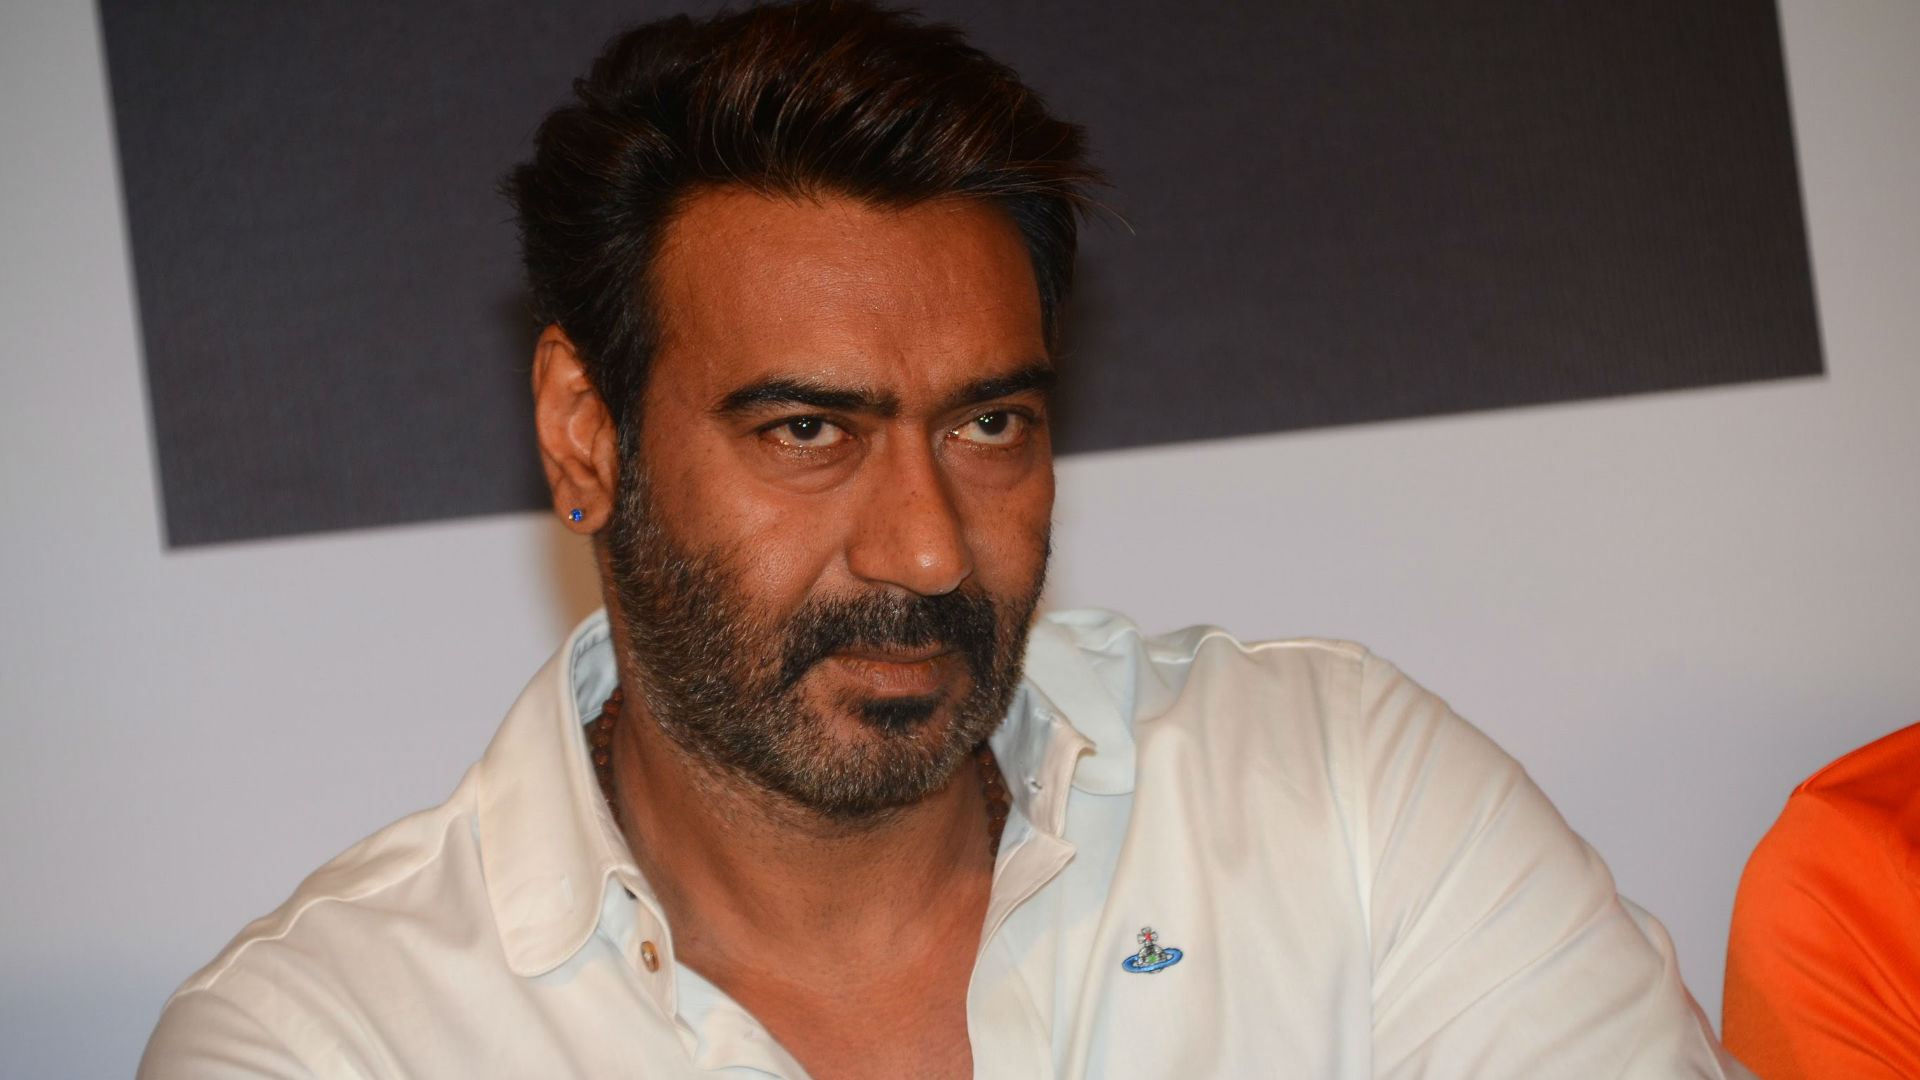 The Kapil Sharma Show: एक्टर अजय देवगन ने किया बड़ा खुलास, बताया किसी चीज से लगता है उन्हें सबसे ज्यादा डर